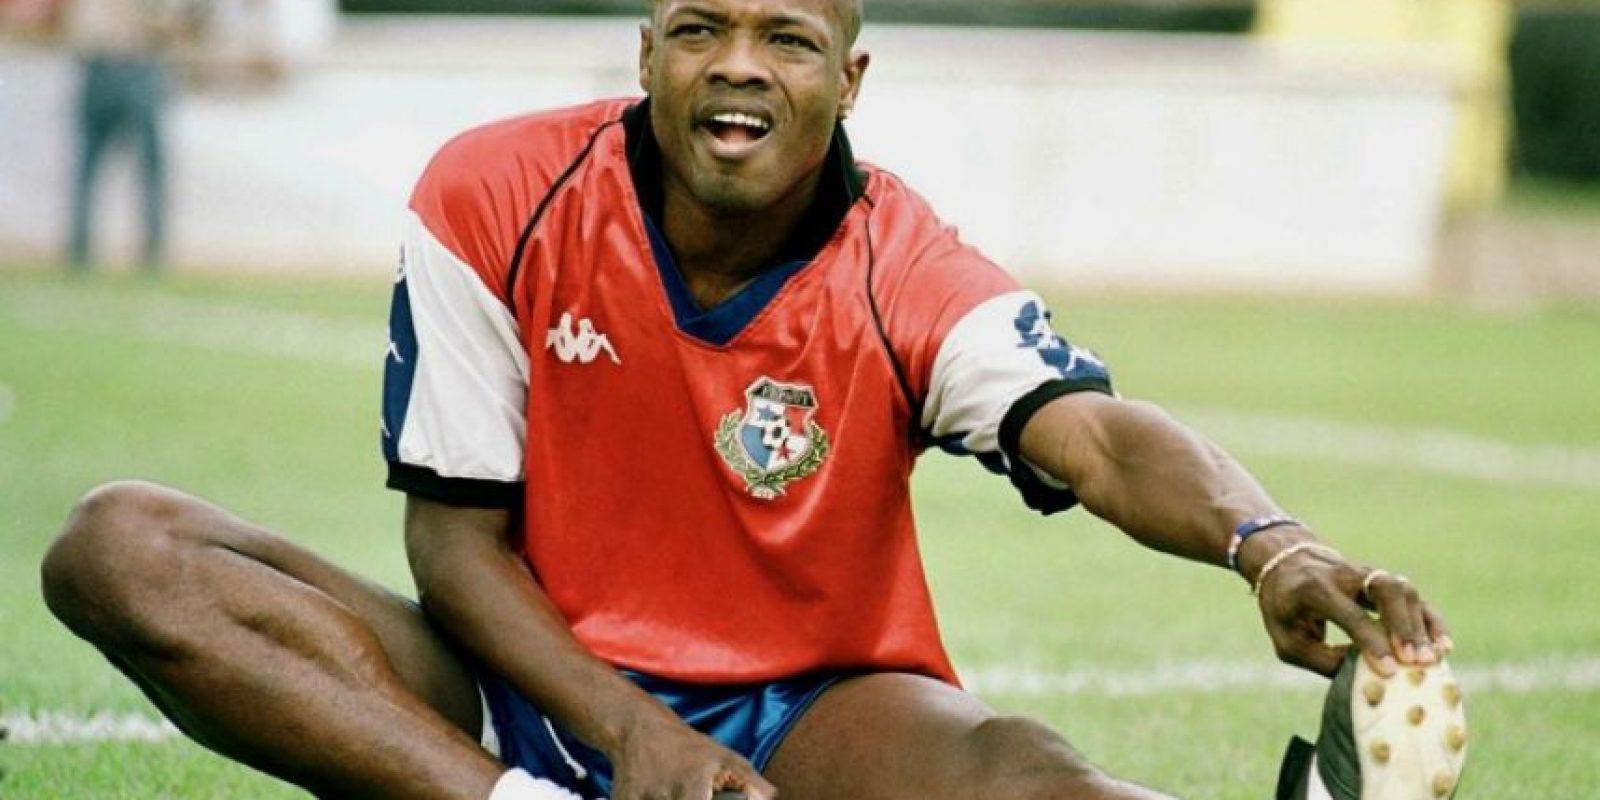 El panameño Julio Dely Valdés es el referente del actual jugador del Arsenal inglés. Foto:AFP